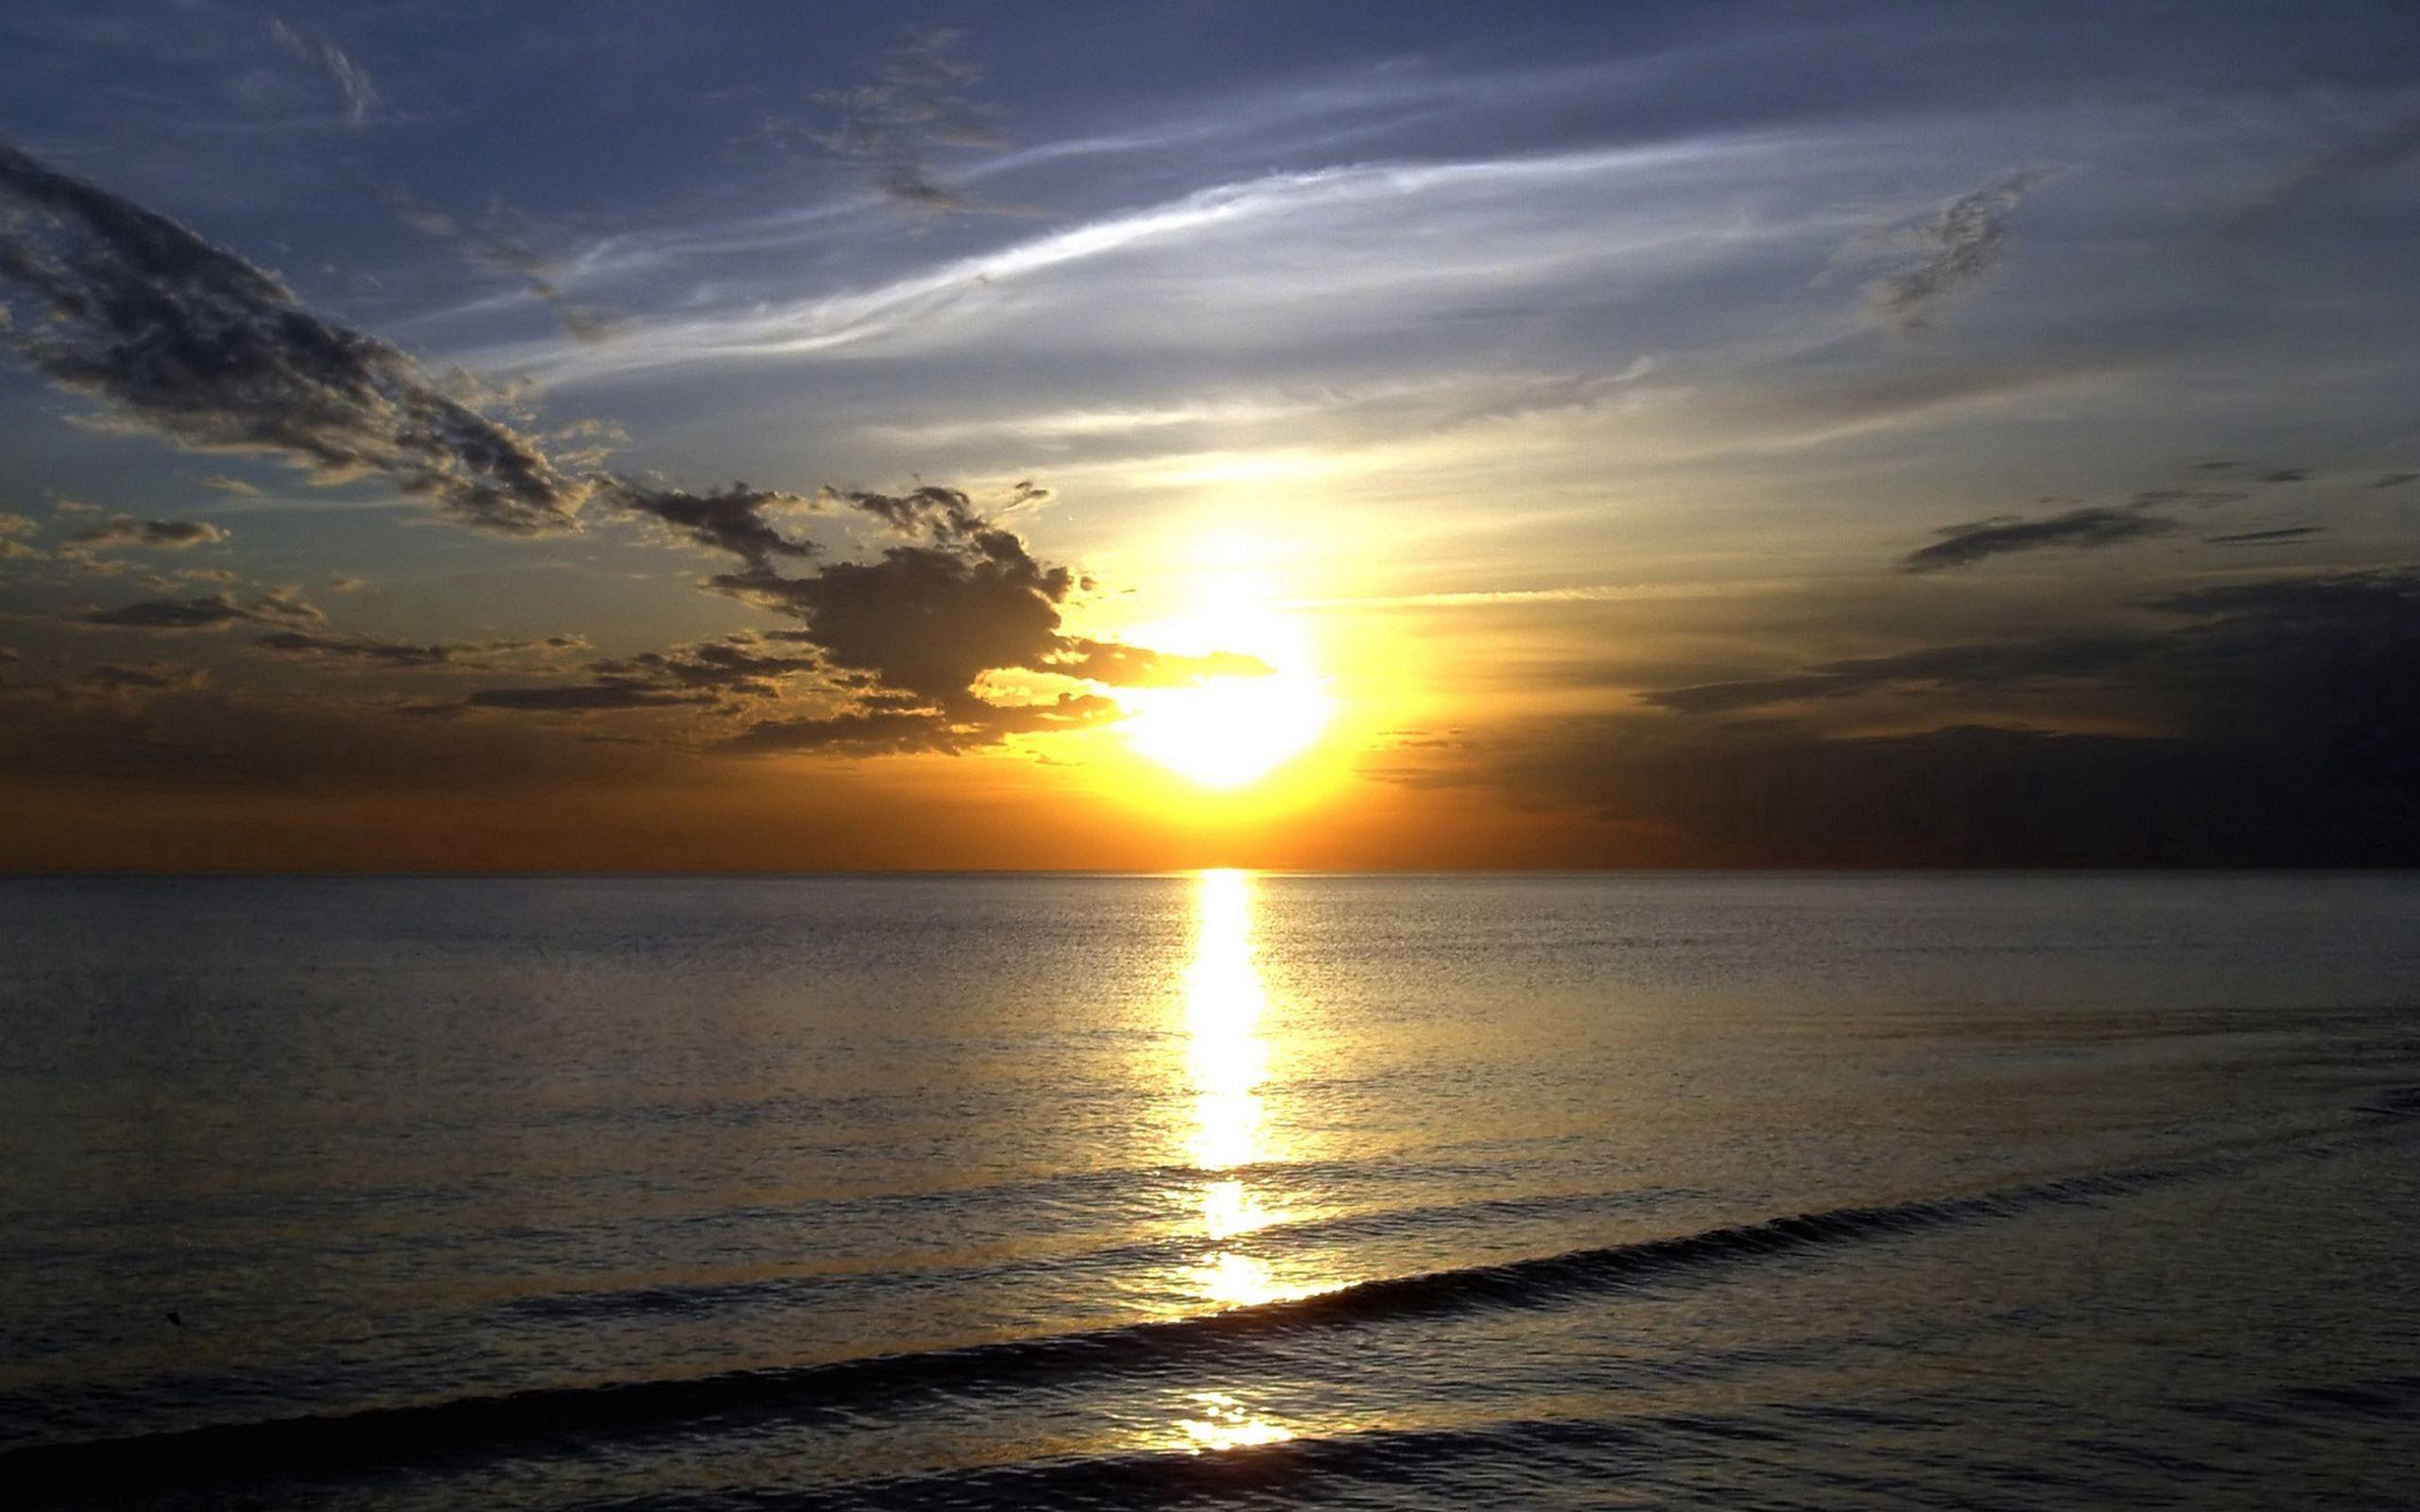 64830 Hintergrundbild 480x800 kostenlos auf deinem Handy, lade Bilder Natur, Sky, Sea, Sun 480x800 auf dein Handy herunter